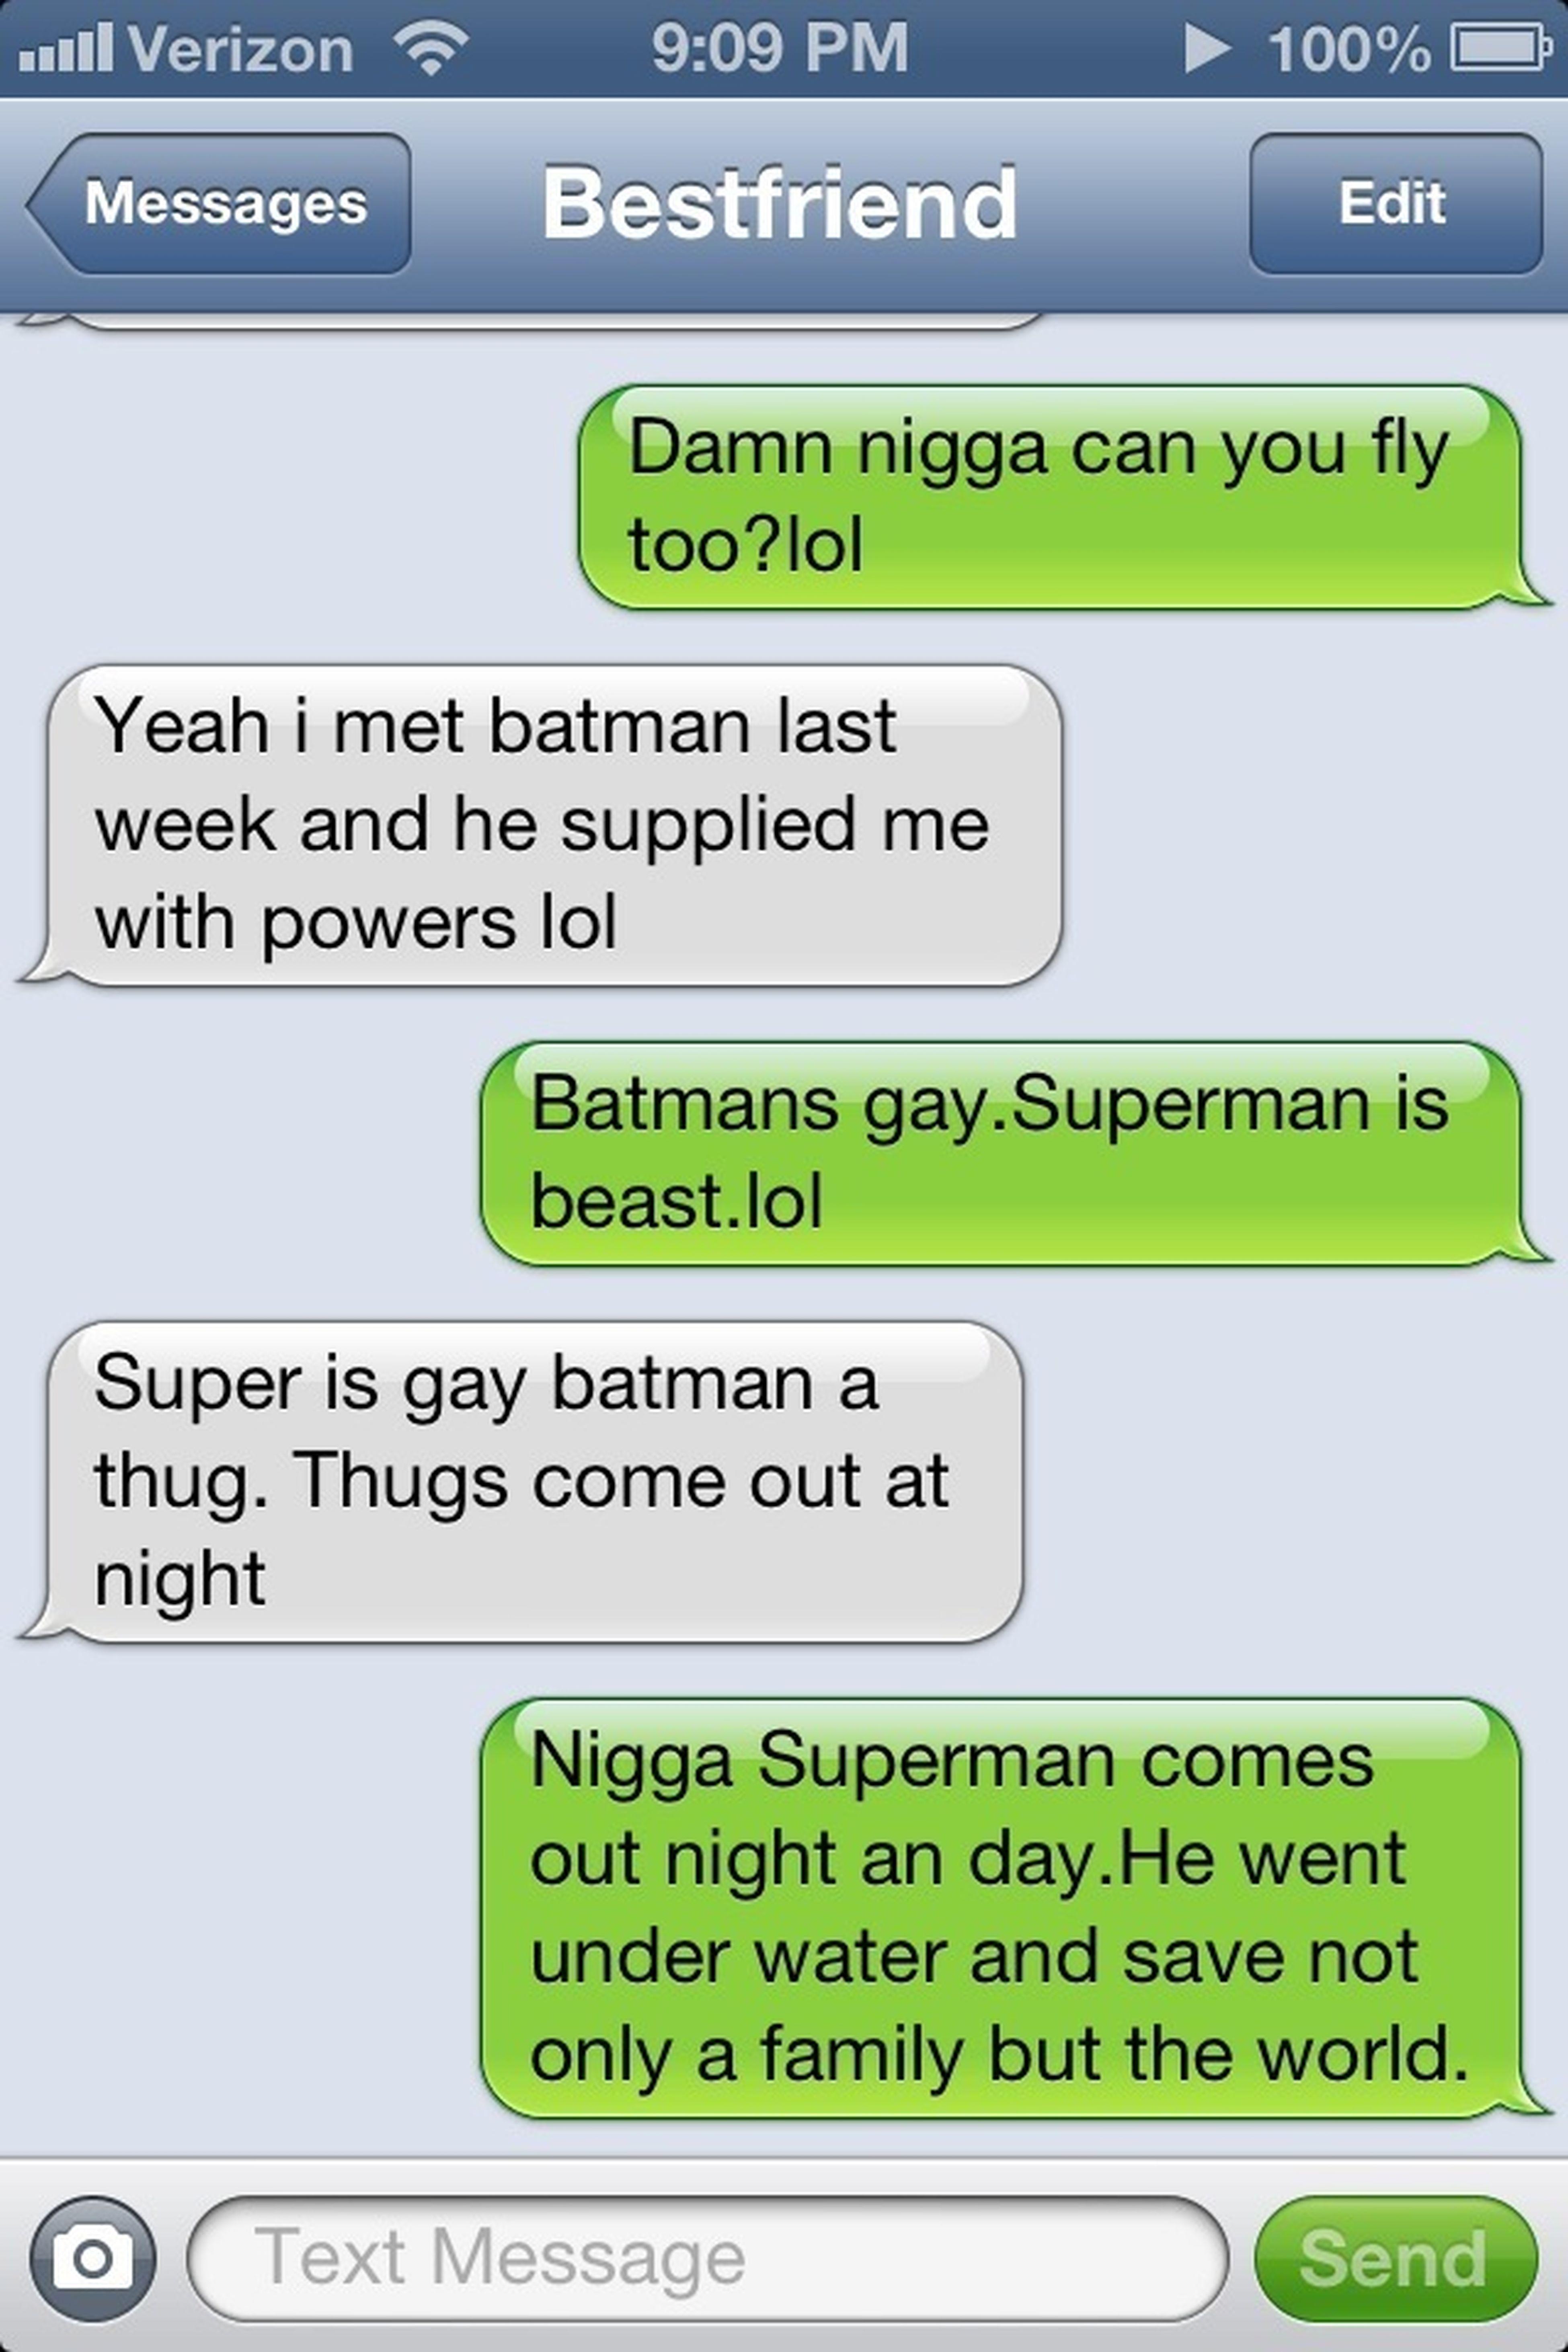 Conversation With The Bestfriend.